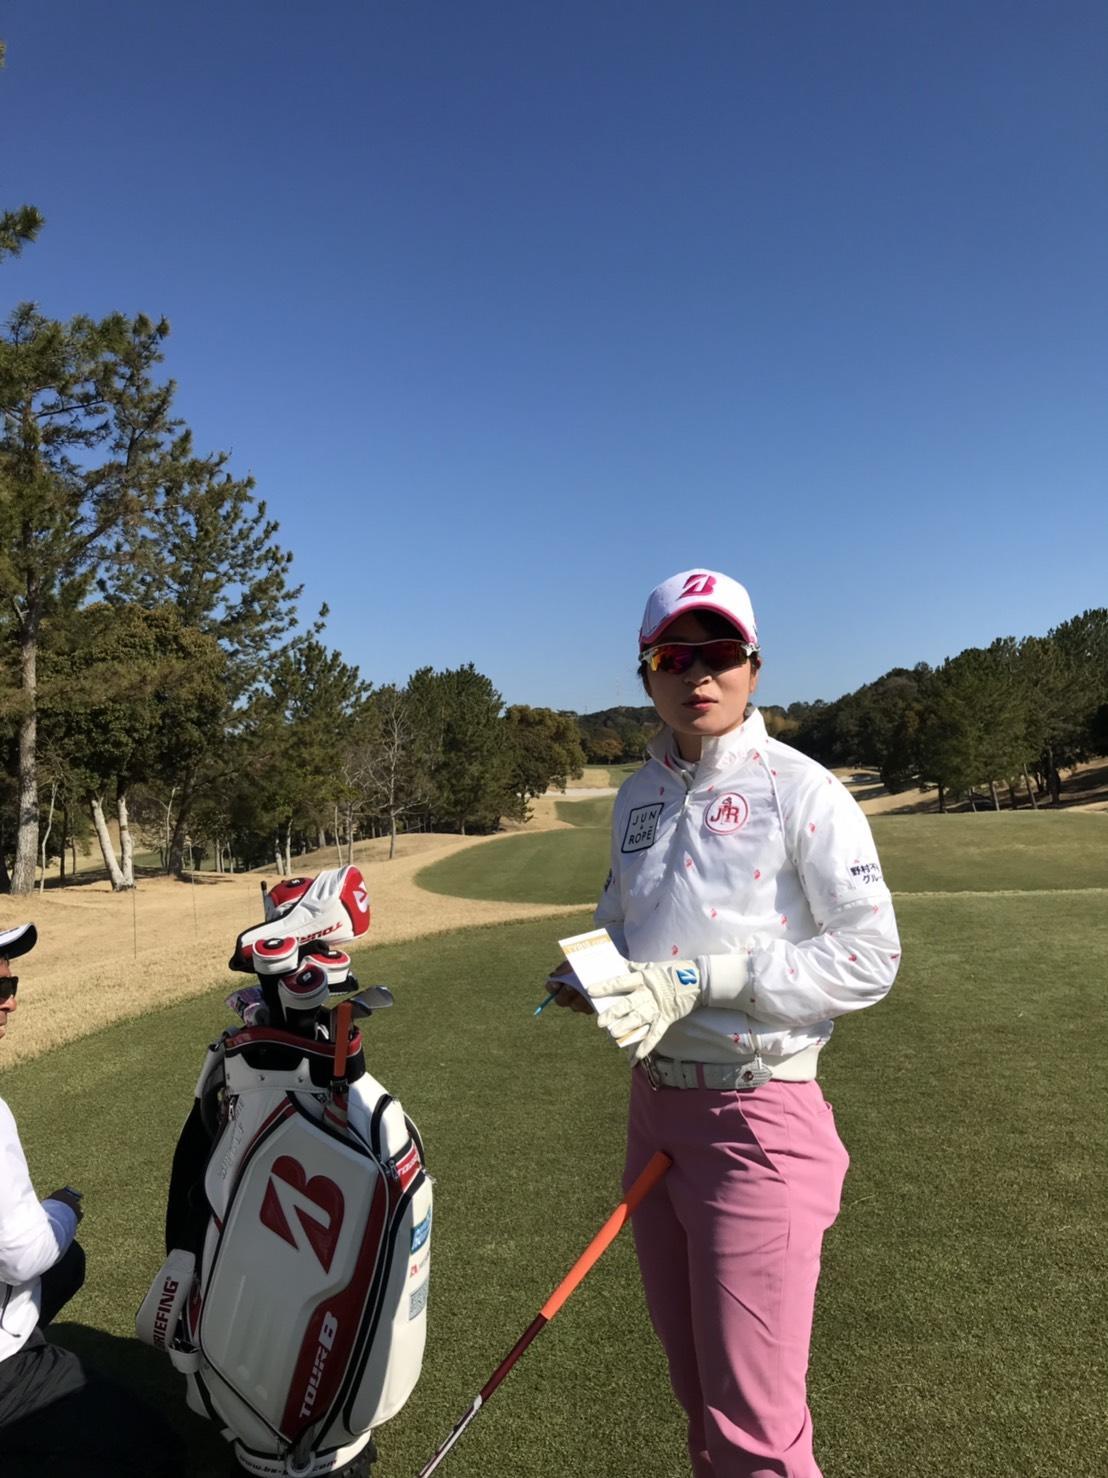 https://www.bs-golf.com/pro/IMG_9759.JPG